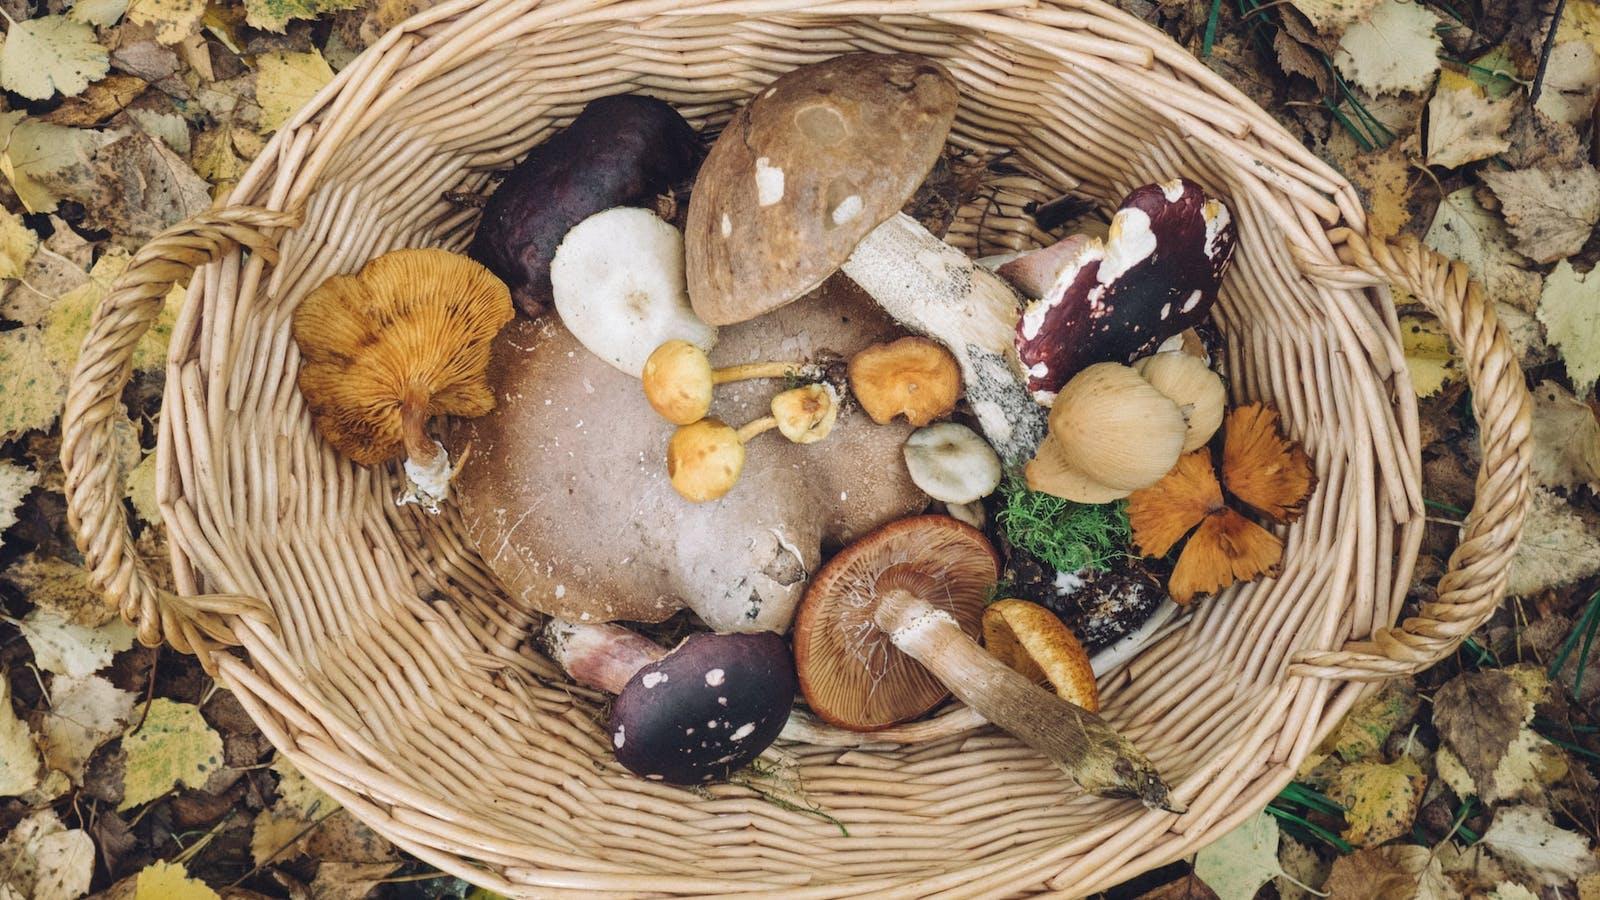 Panier rempli de champignons en couleurs